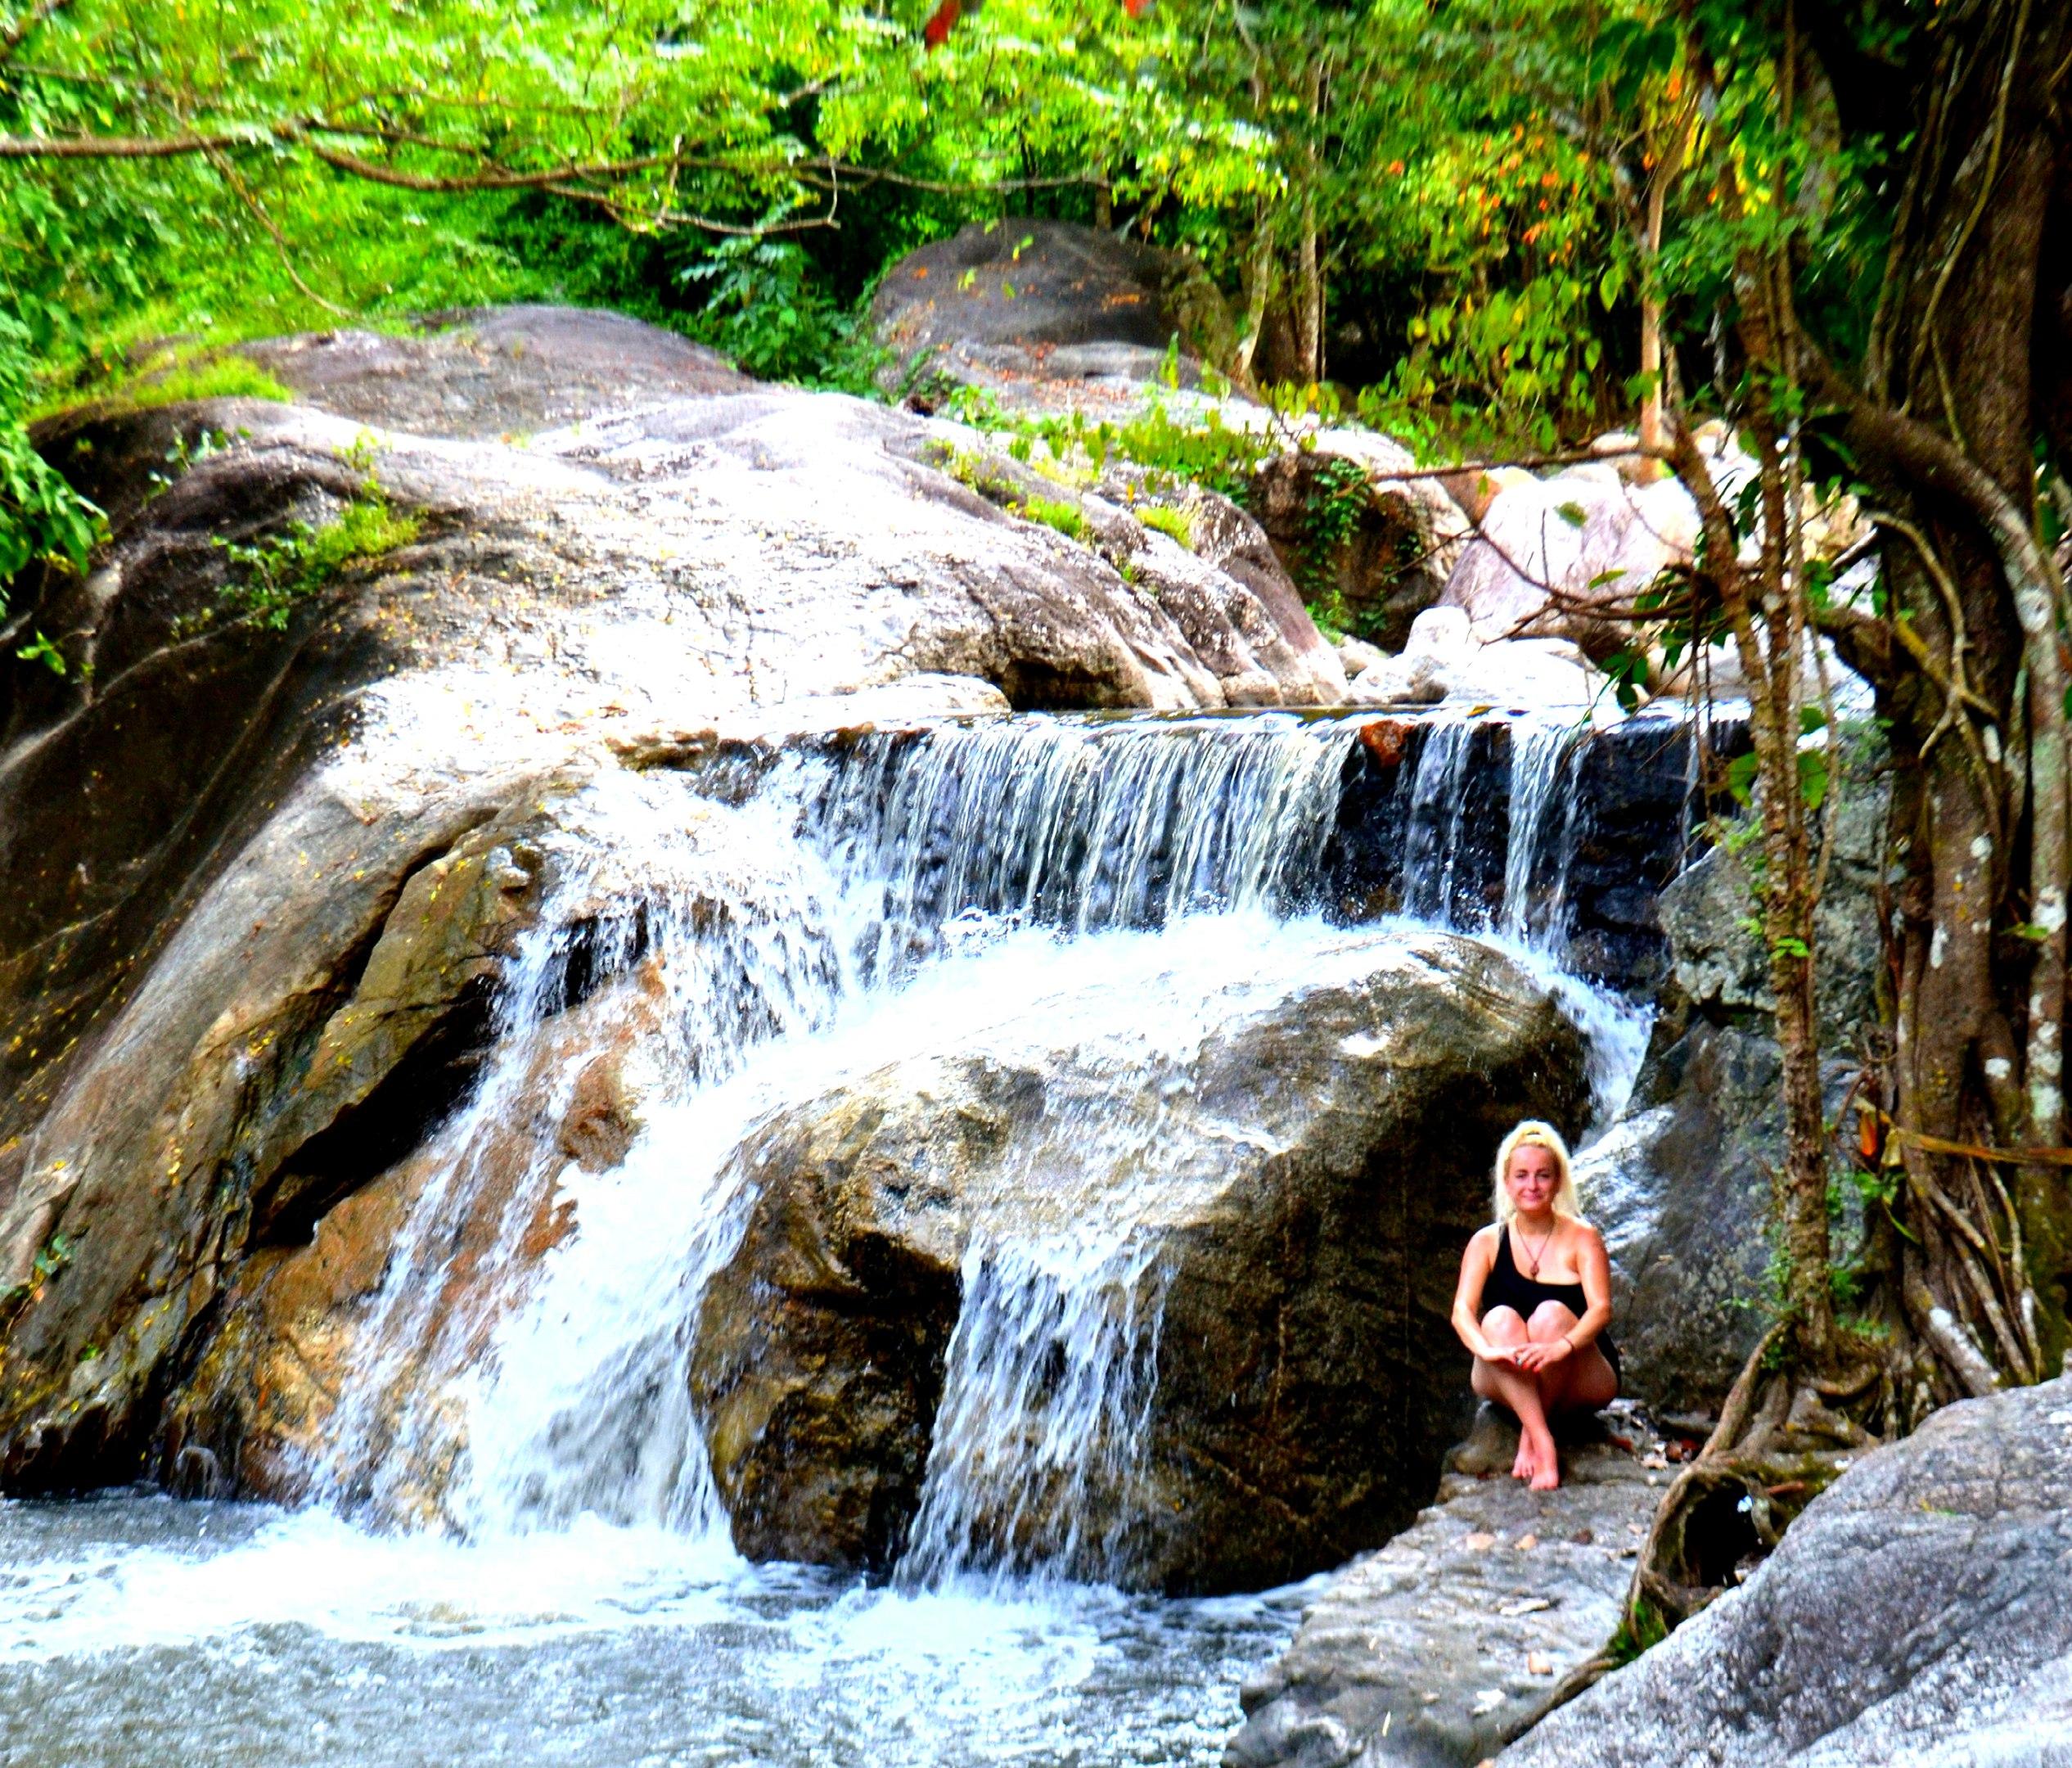 пляж - Елена Руденко (Валтея). Таиланд.  Фото и видео, а также мои впечатления, отзывы, советы и т.д. WnHAYzMtrNE